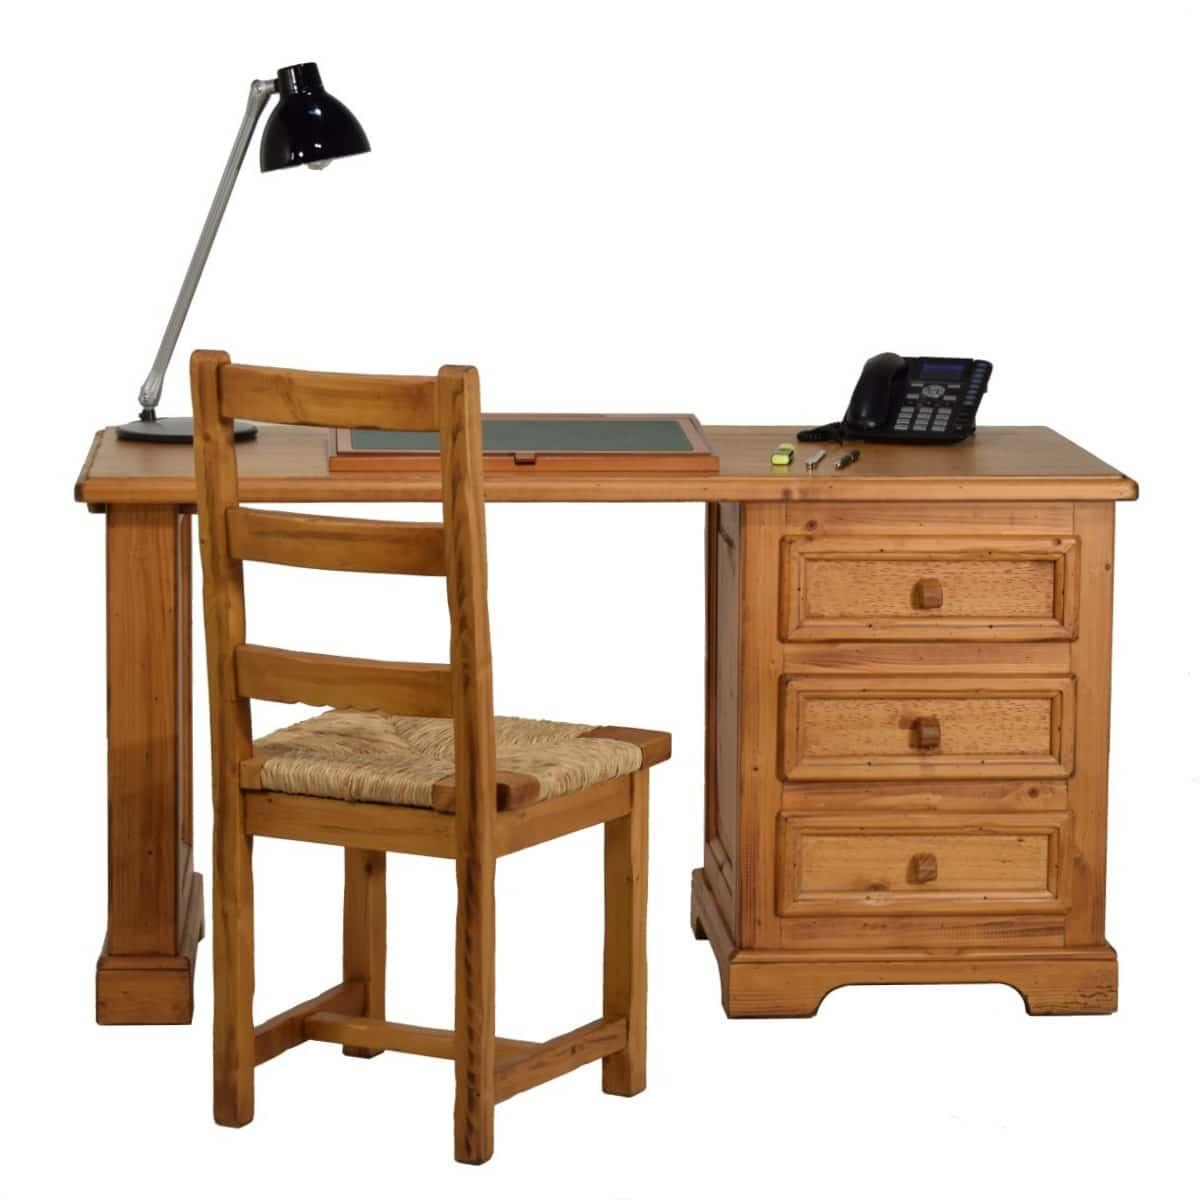 Escritorio r stico de madera peque o cajones ecor stico for Bar de madera pequeno